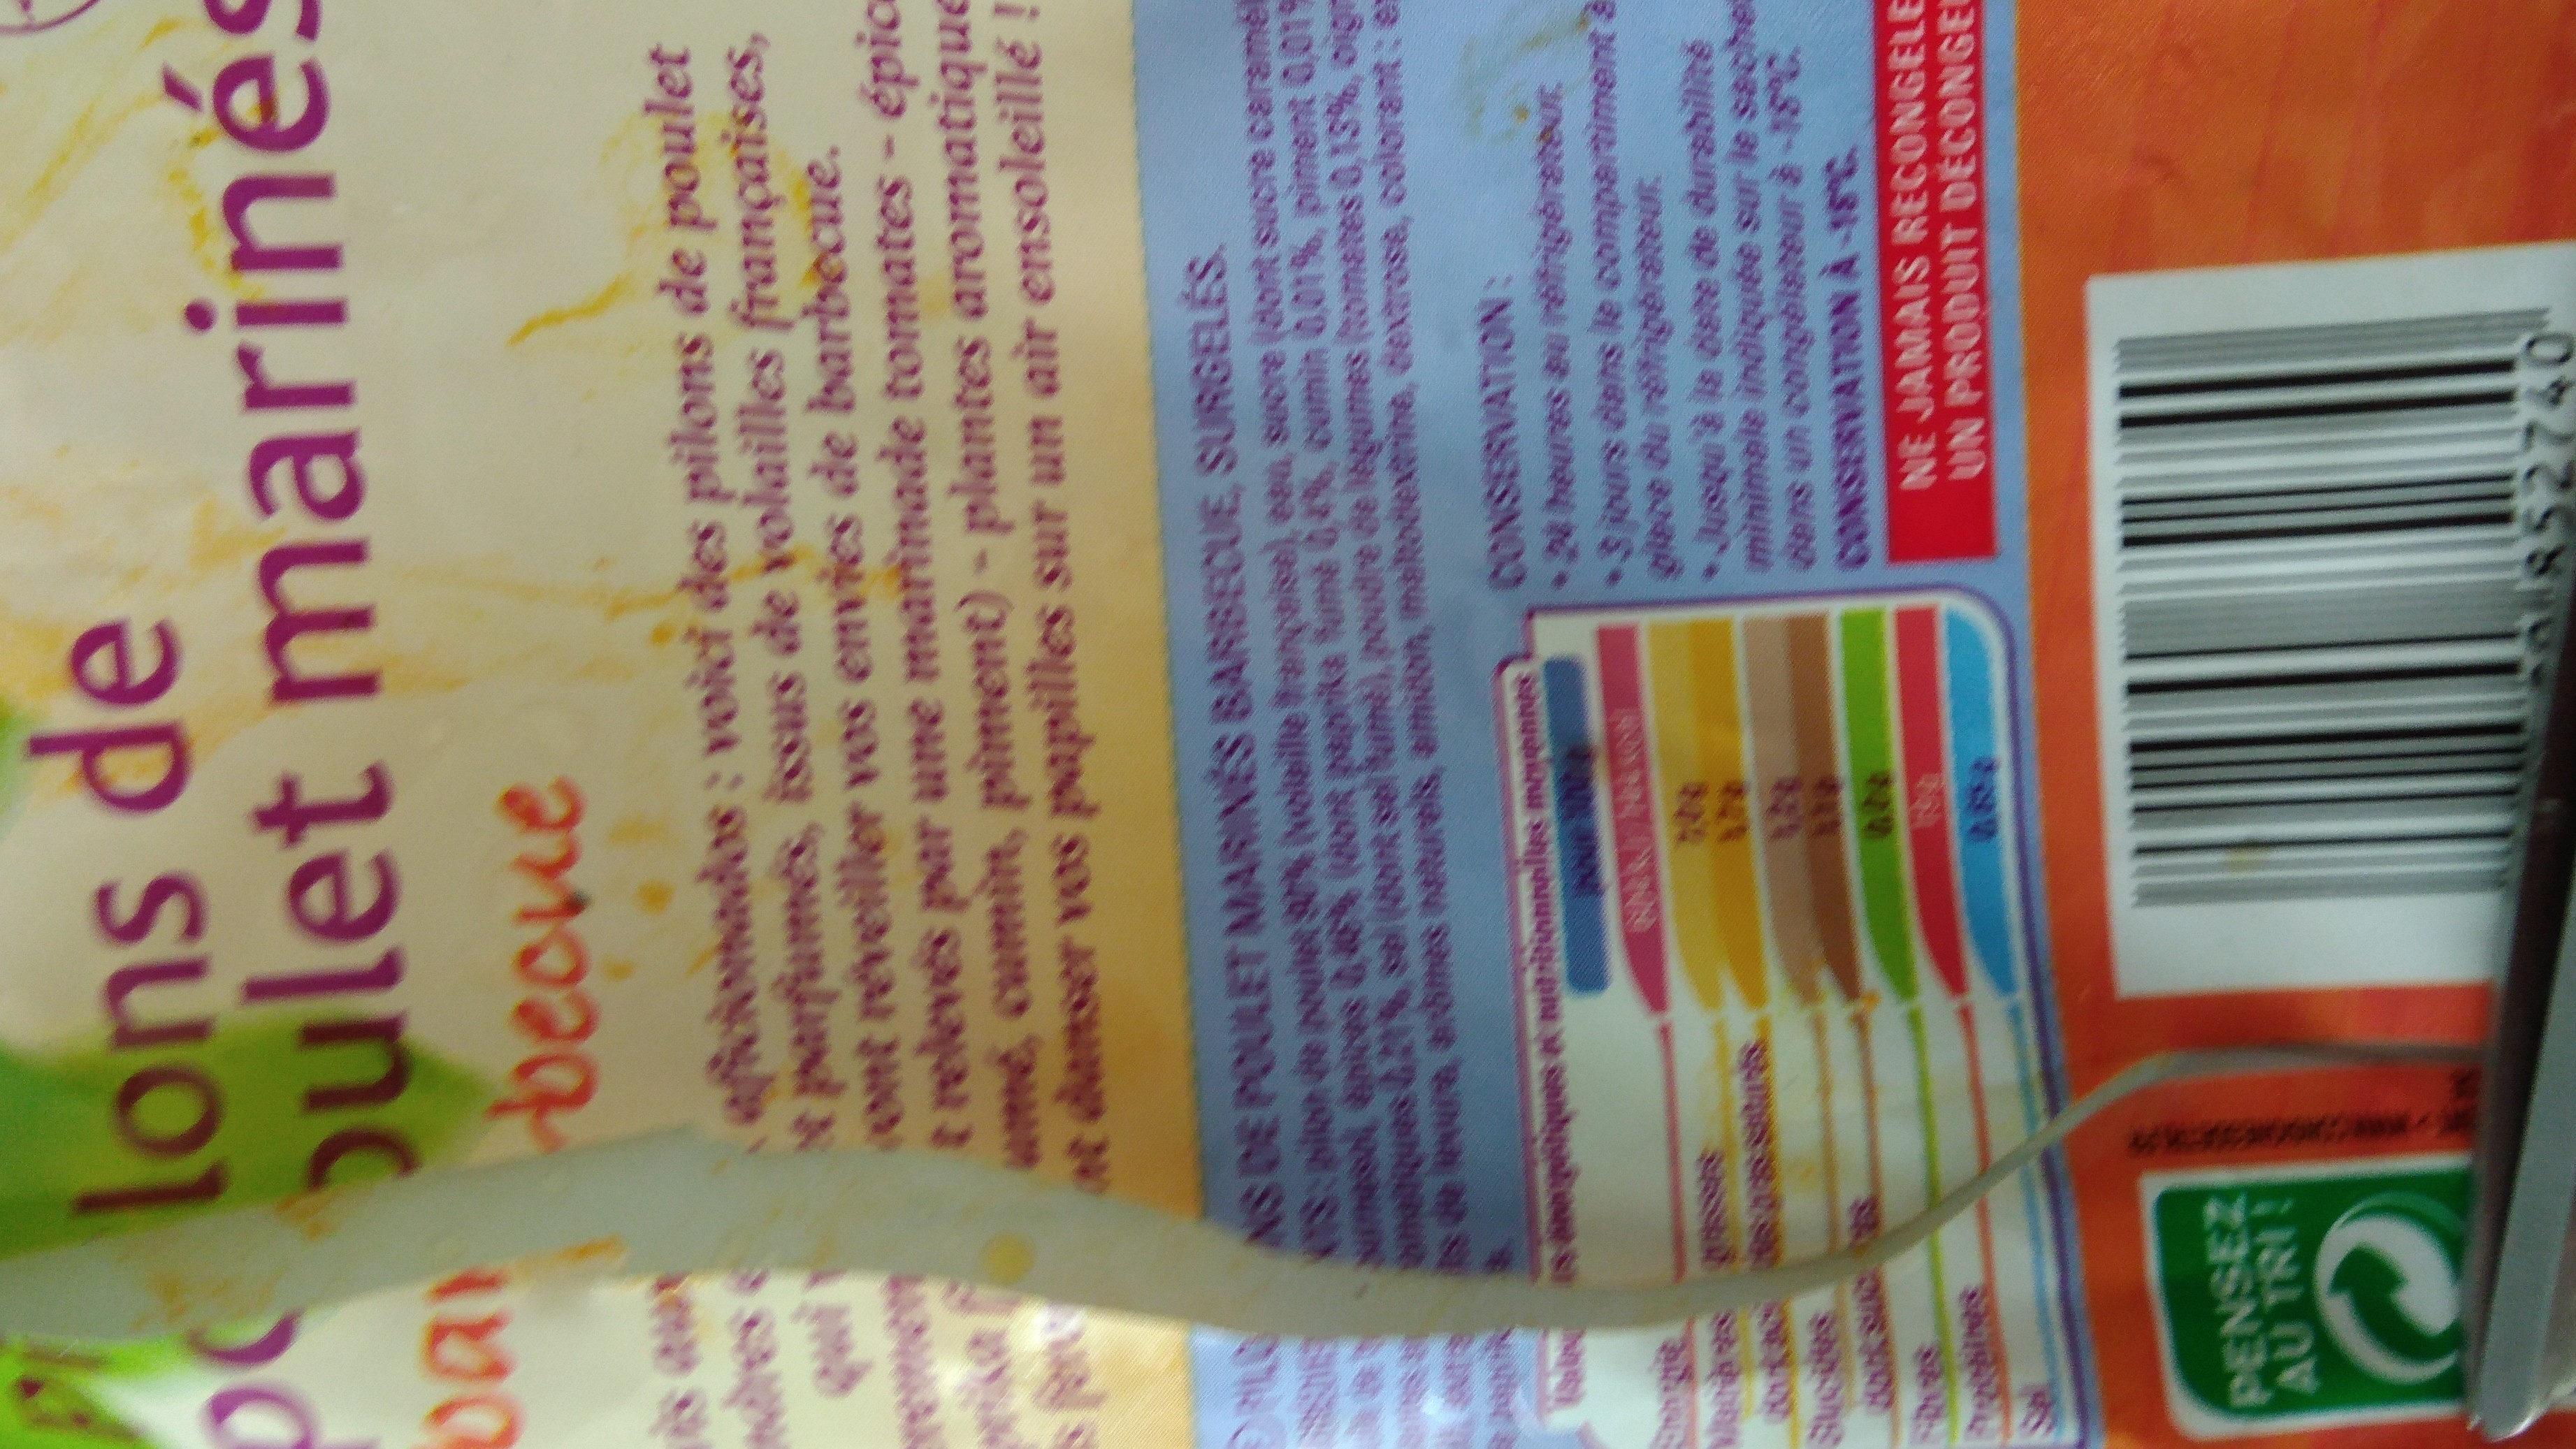 Pilons de poulet marinés - Informations nutritionnelles - fr